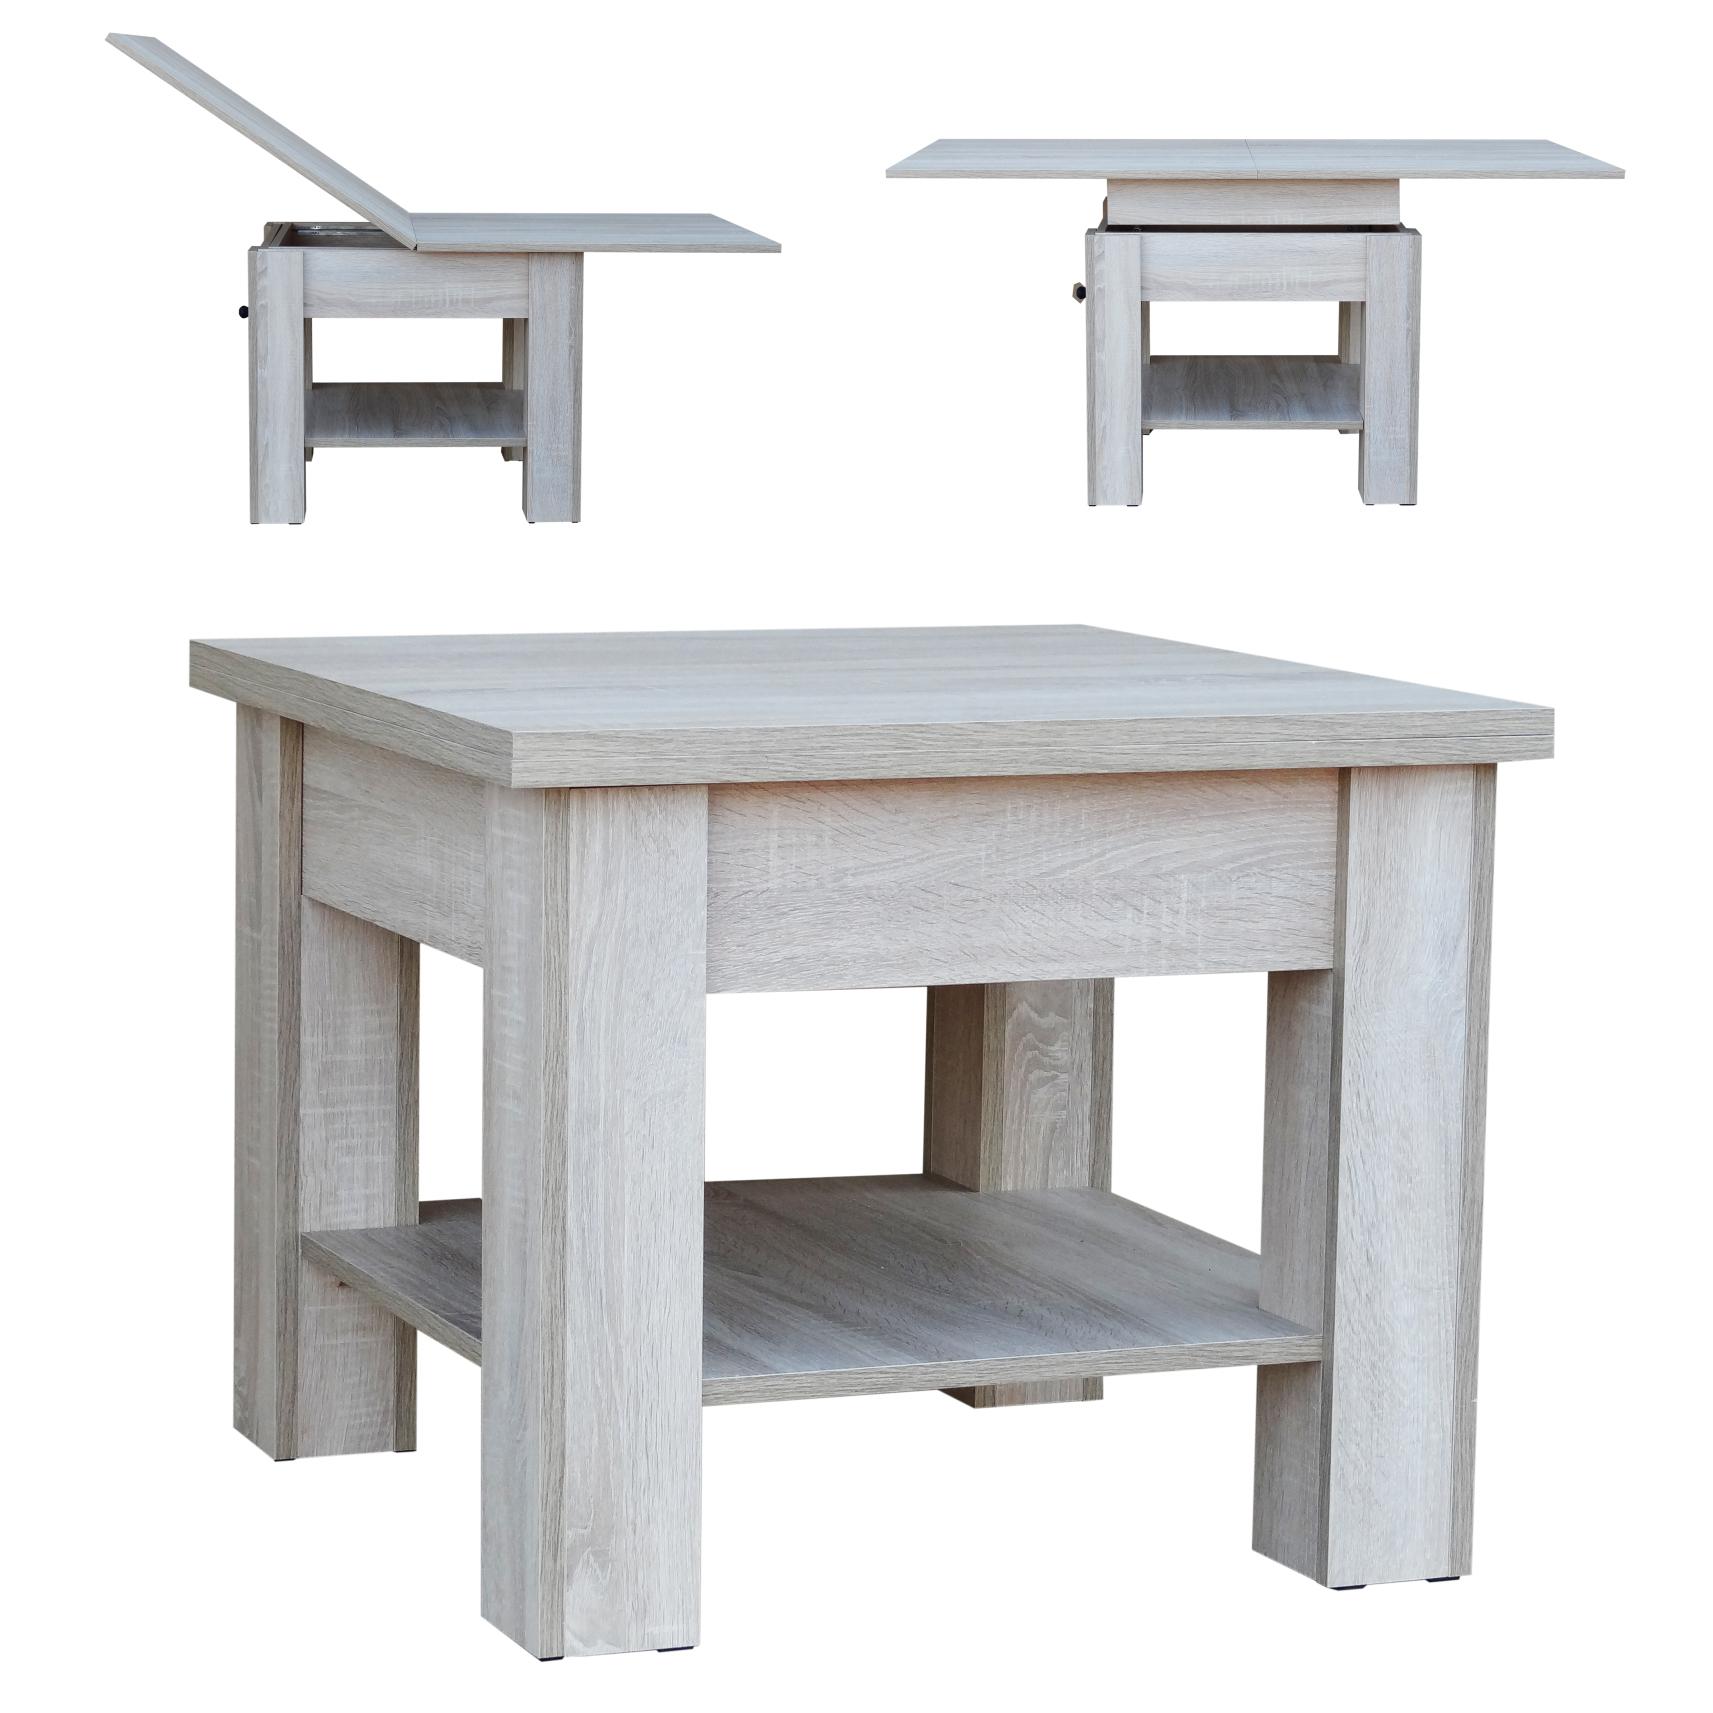 Ława rozkładana podnoszona stolik ławostół 908